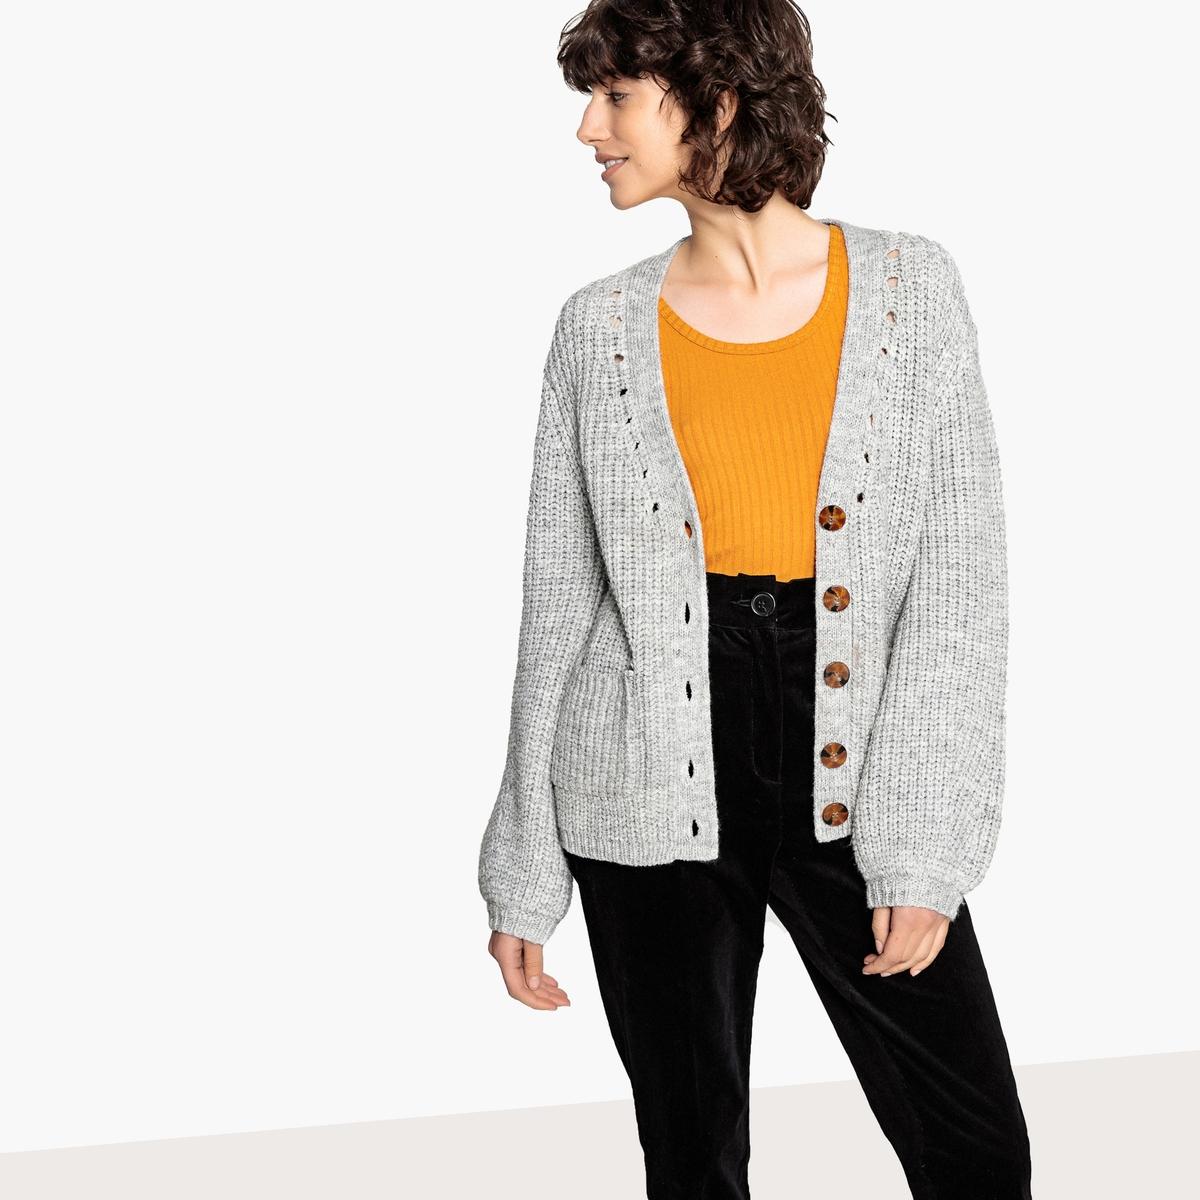 Кардиган из плотного трикотажа с рукавами с напуском пуловер из плотного трикотажа с v образным вырезом